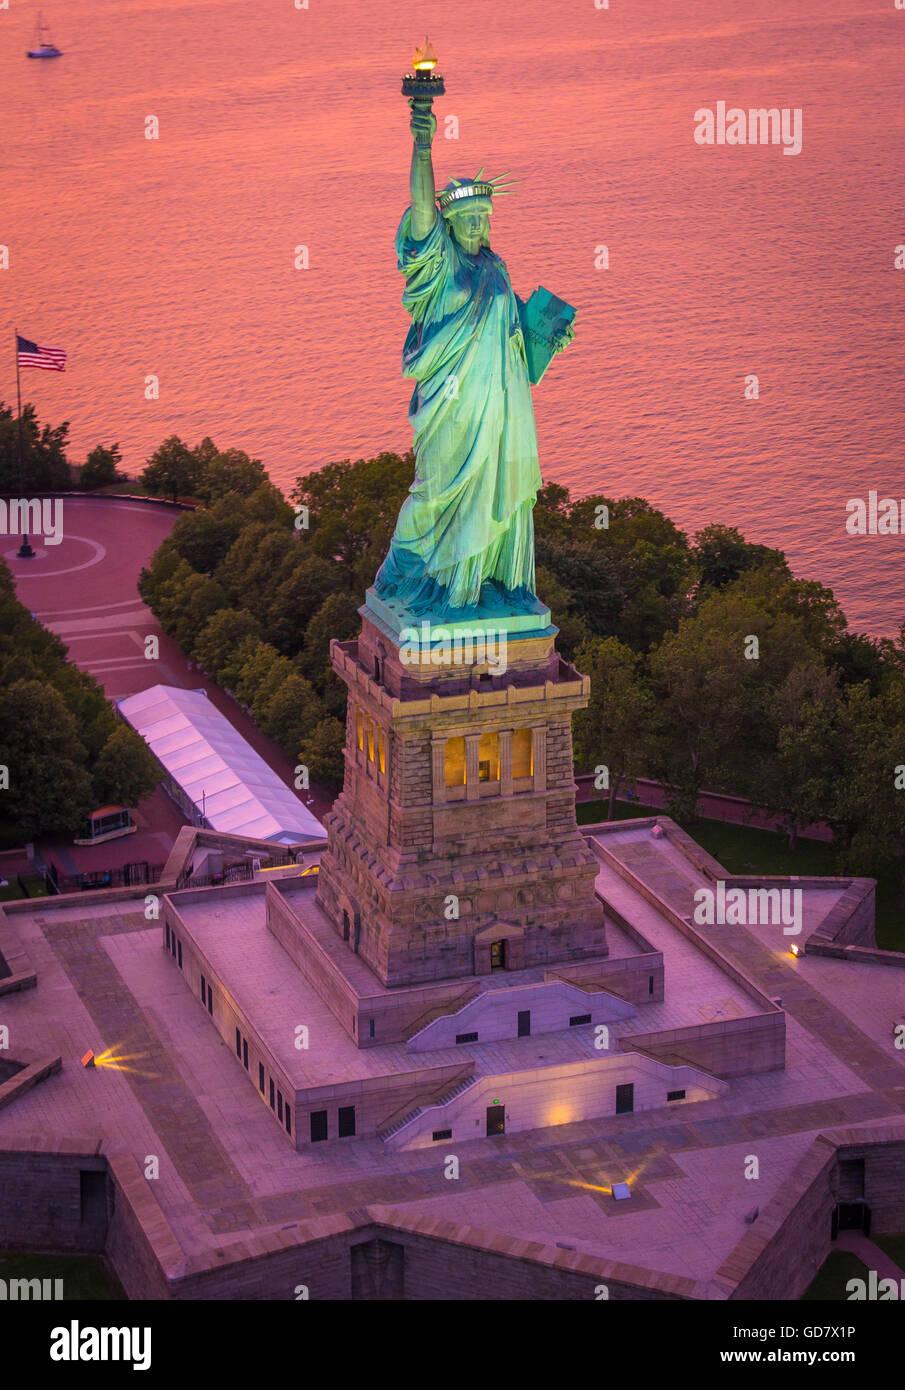 La Statue de la liberté est une colossale sculpture néoclassique sur Liberty Island dans le port de New Photo Stock